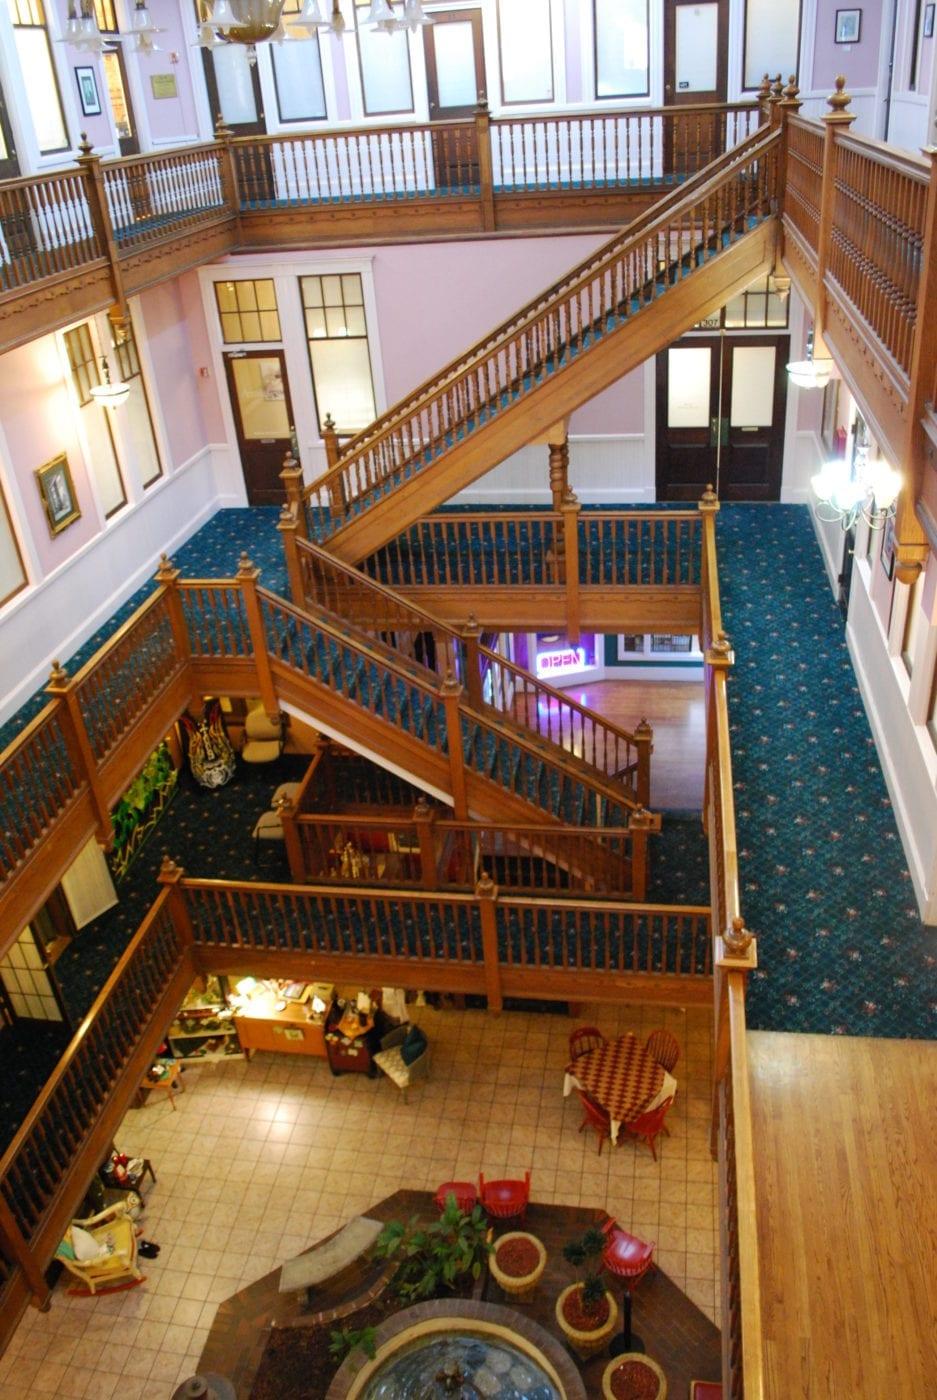 Sycamore Square interior